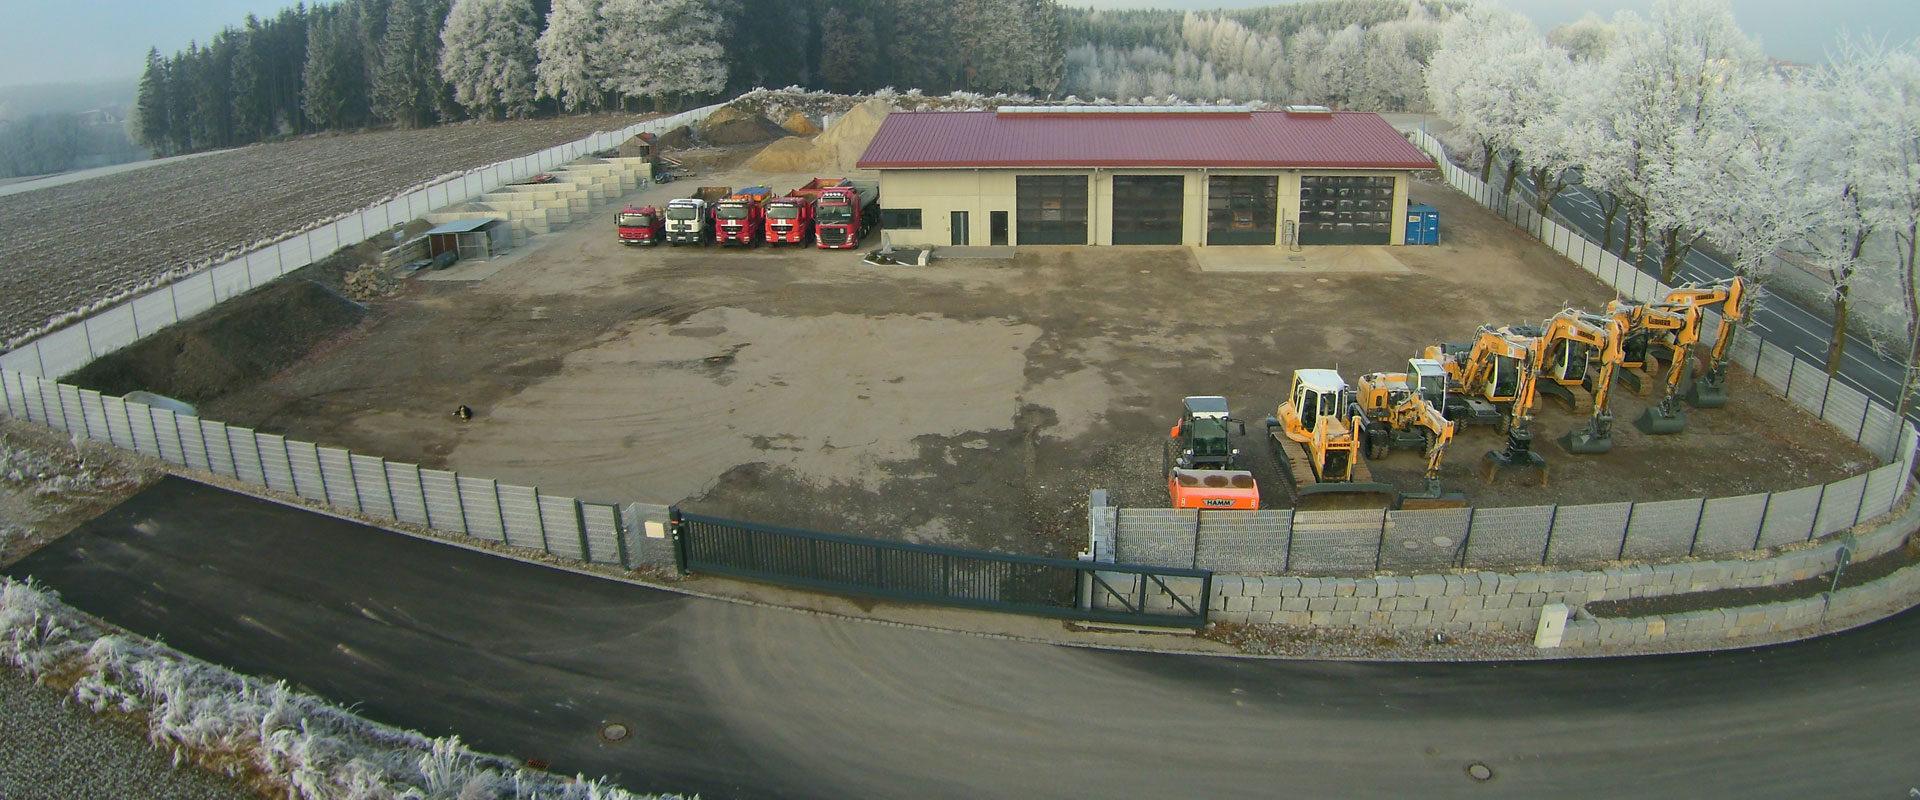 Firmengelände in Hohenpolding bei Erding / Taufkirchen